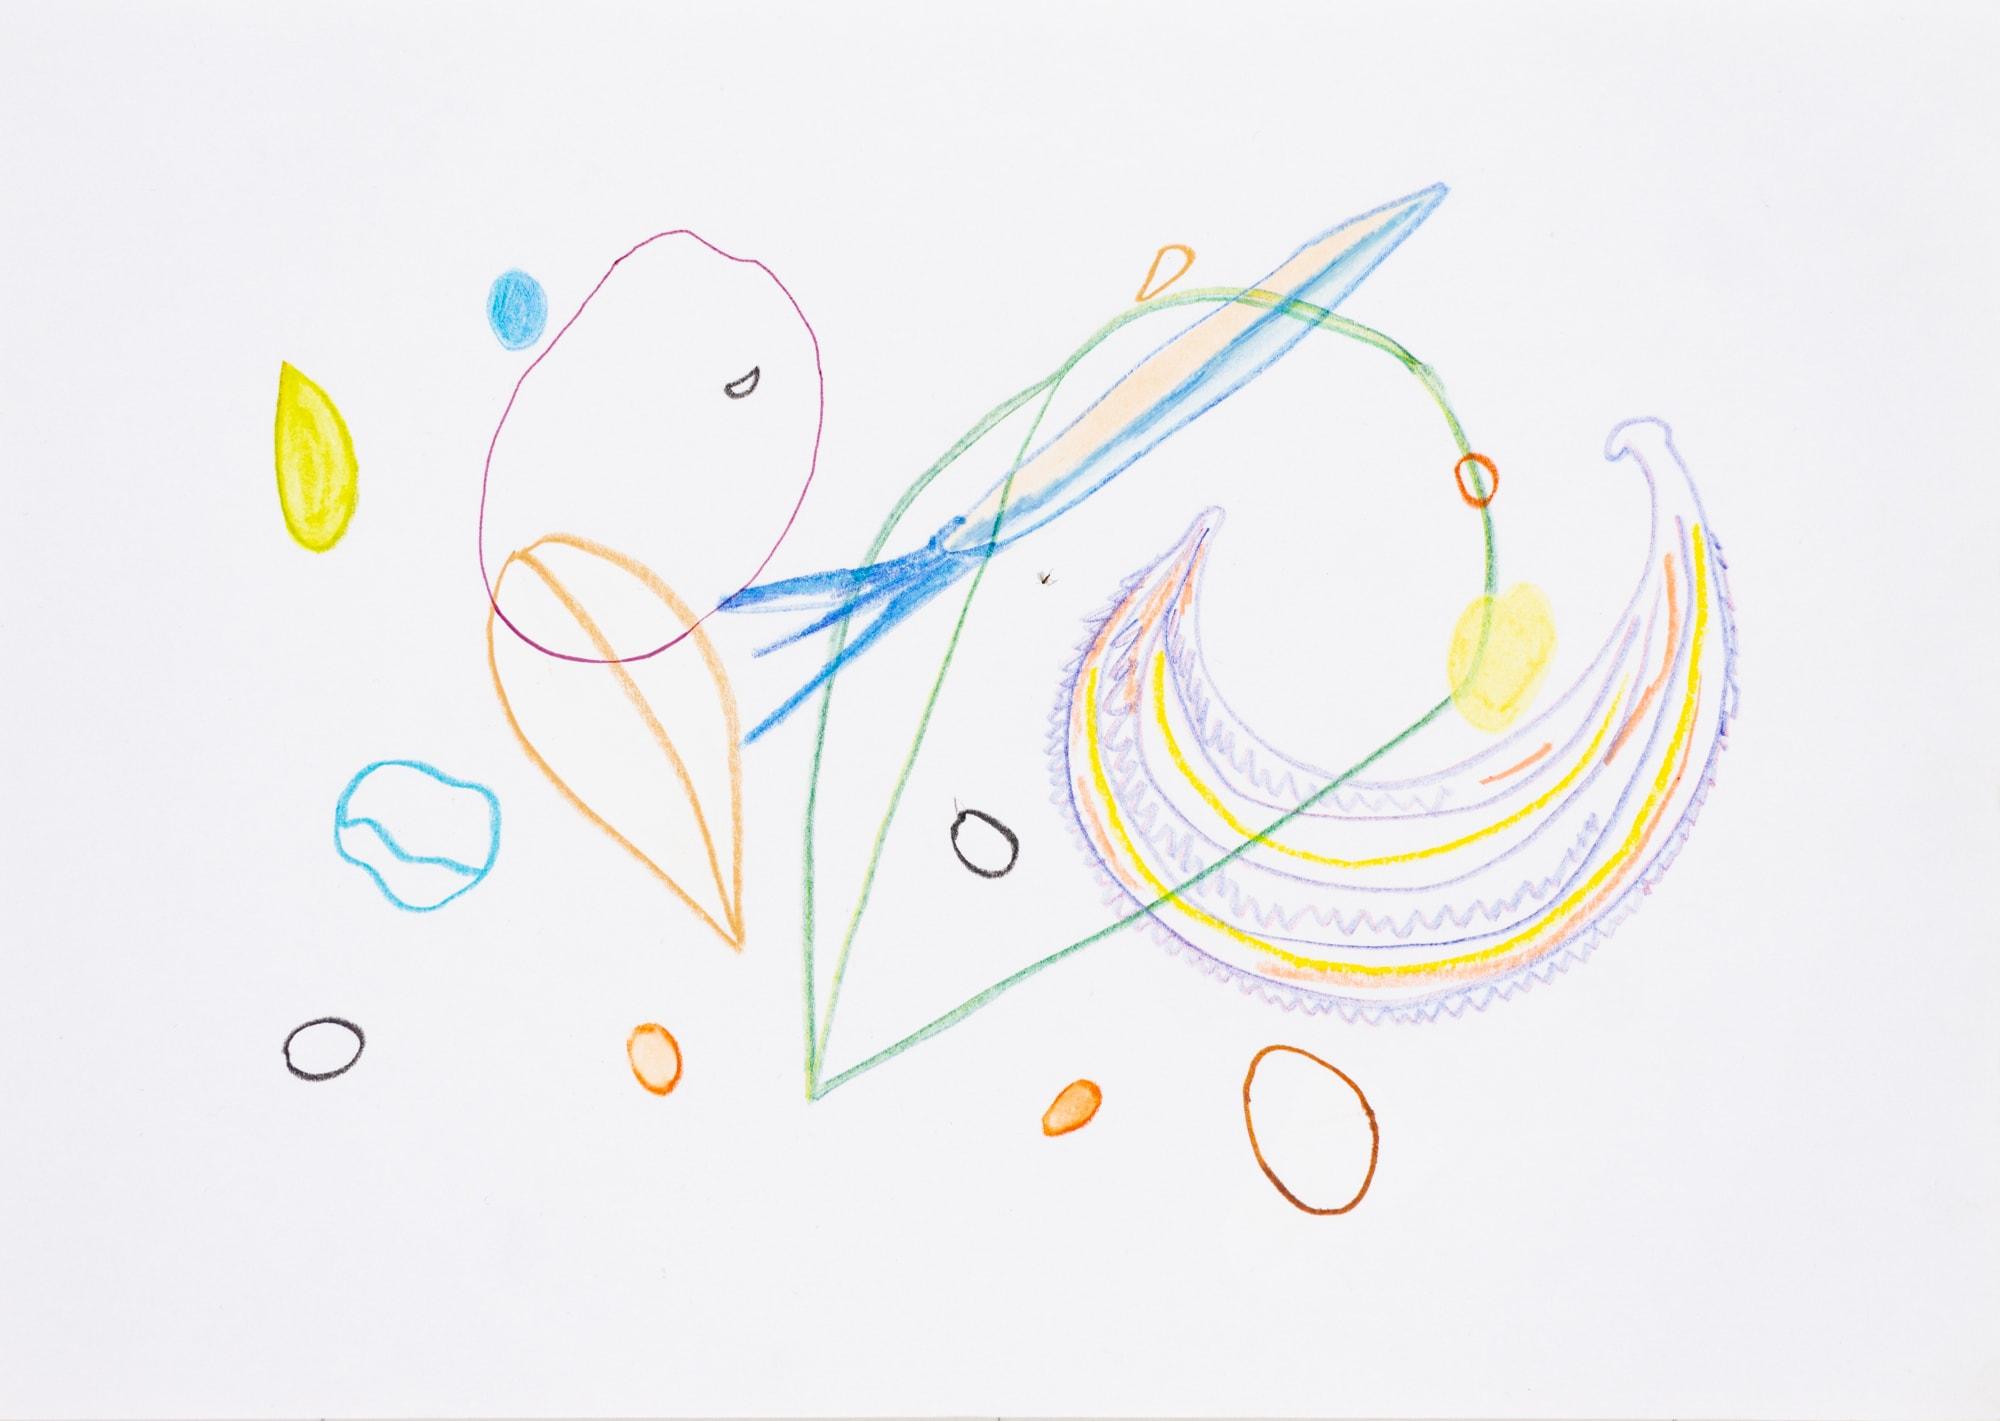 Zeichnung, Mischtechnik auf Papier, 29,7cm x 21cm, Samenmischung natürlicher Schutz gegen Schnecken, artist: Franziska King